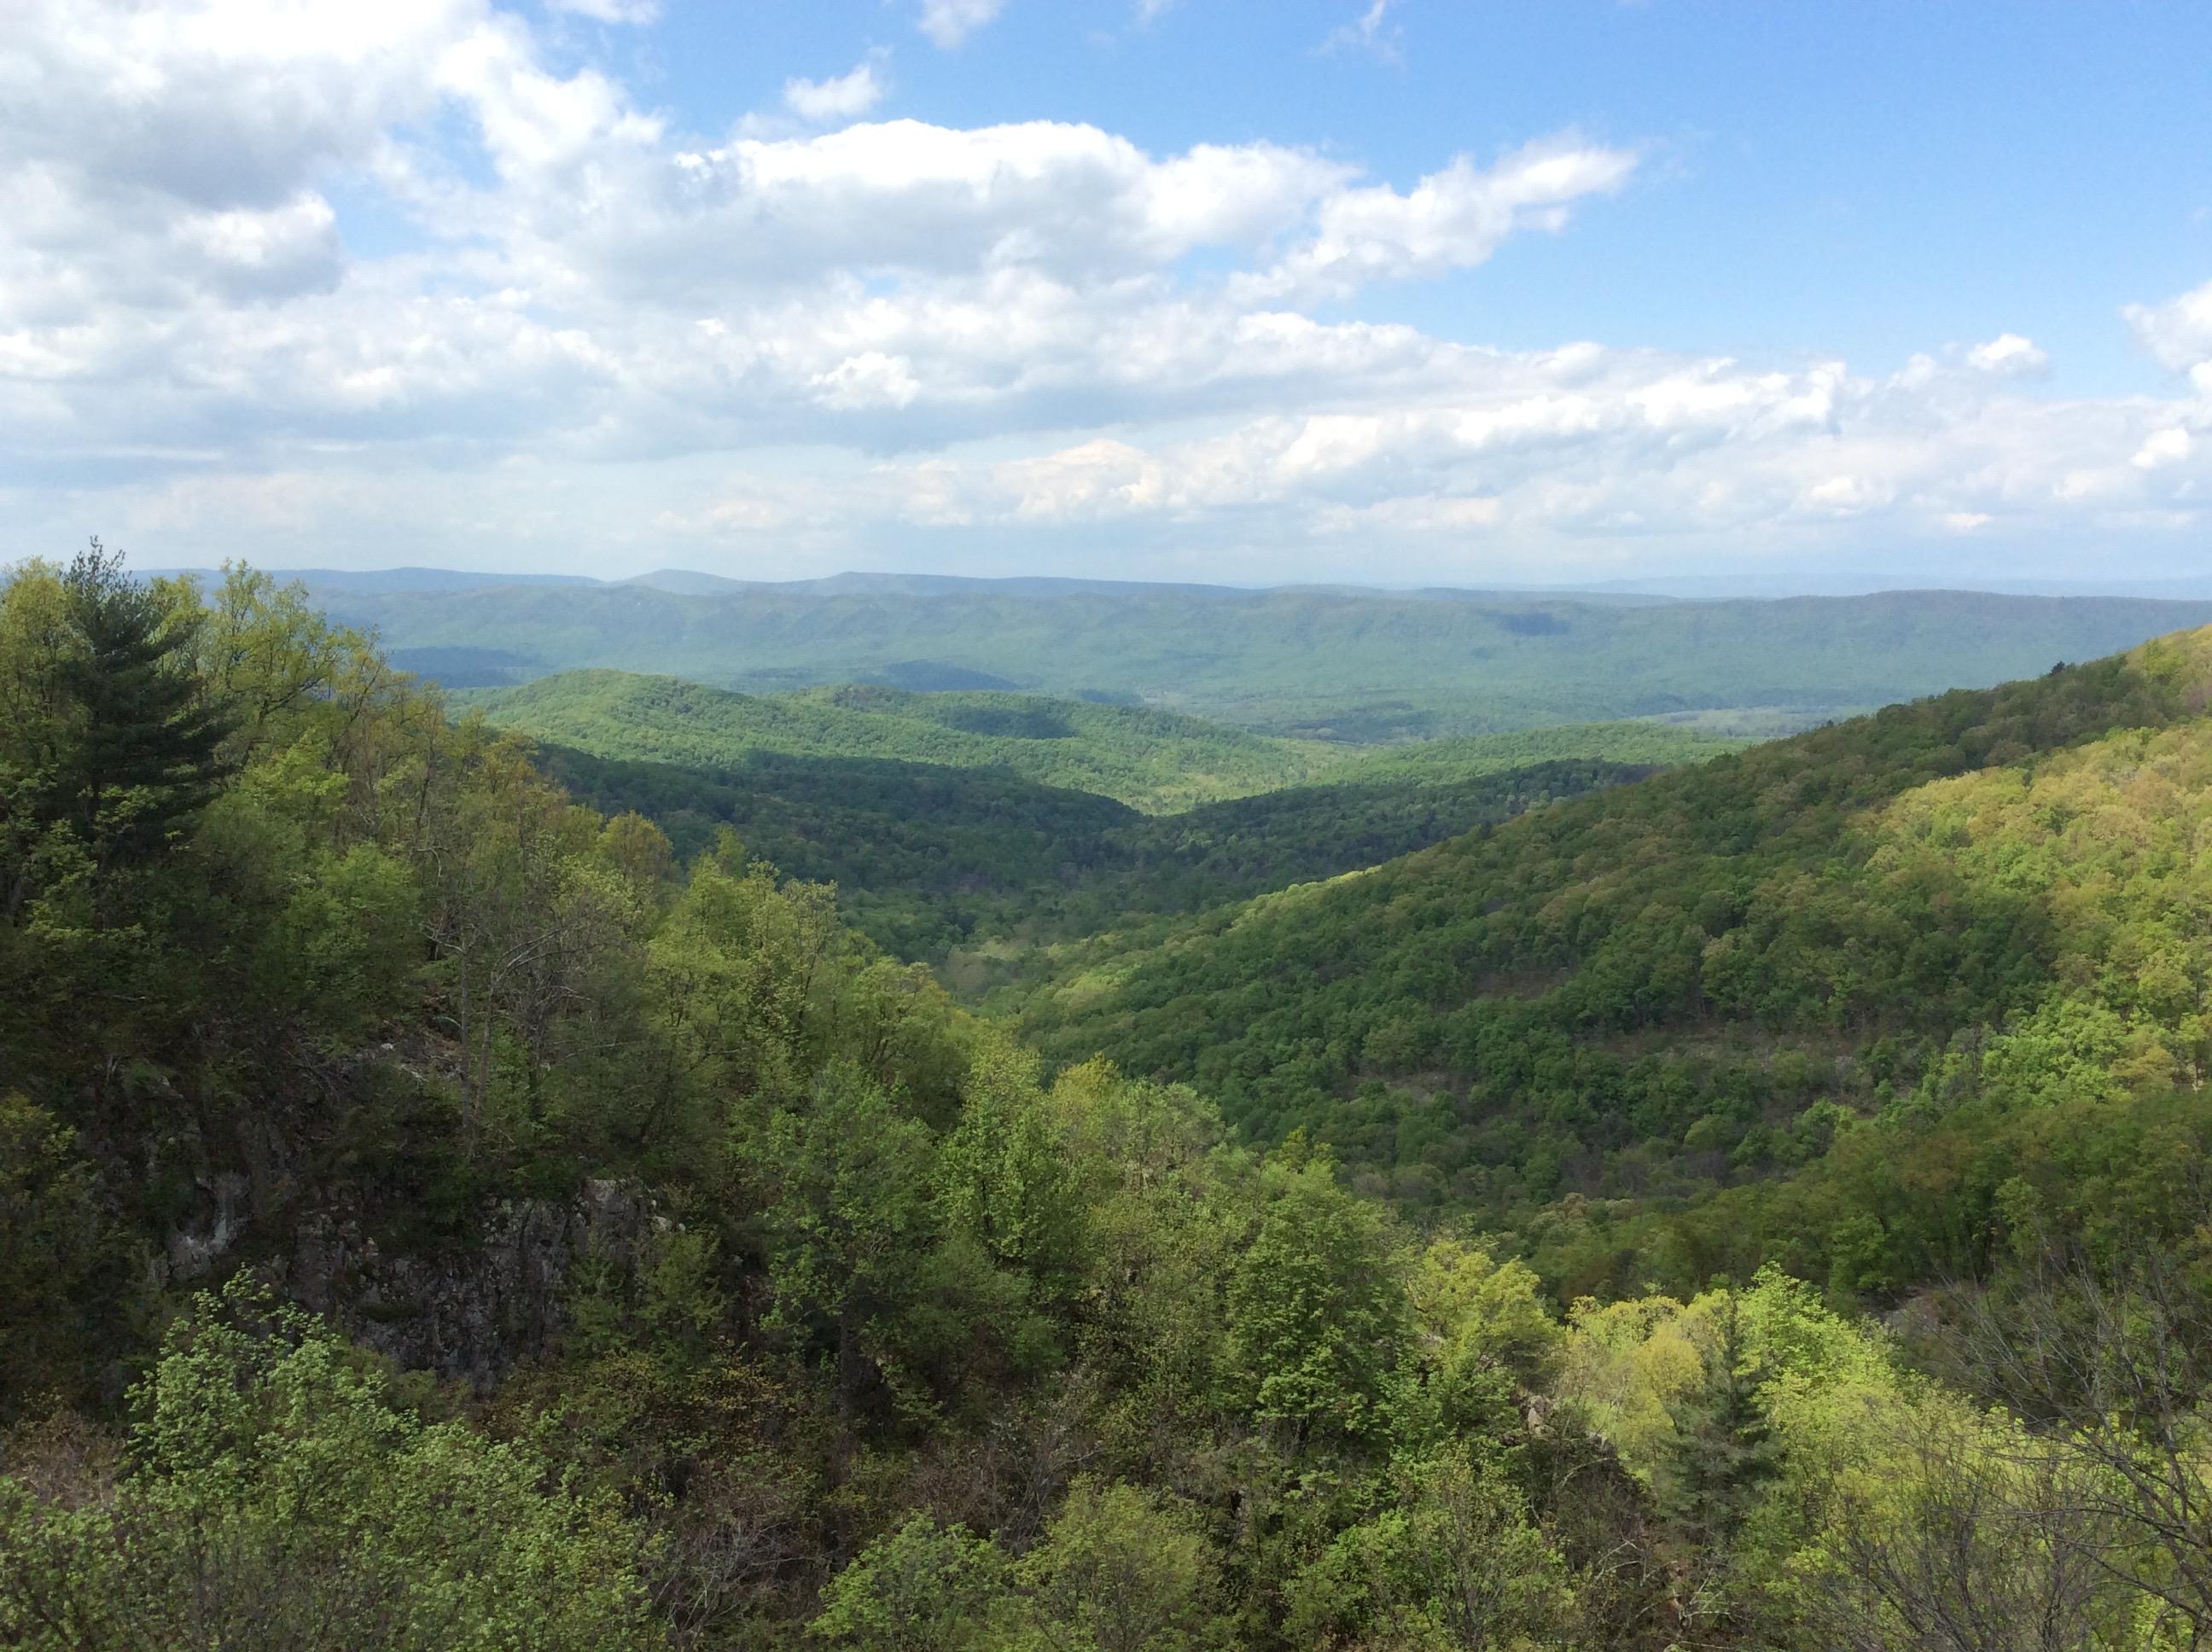 Photo from Tuscarora Trail. ©2019 www.JeffRyanAuthor.com